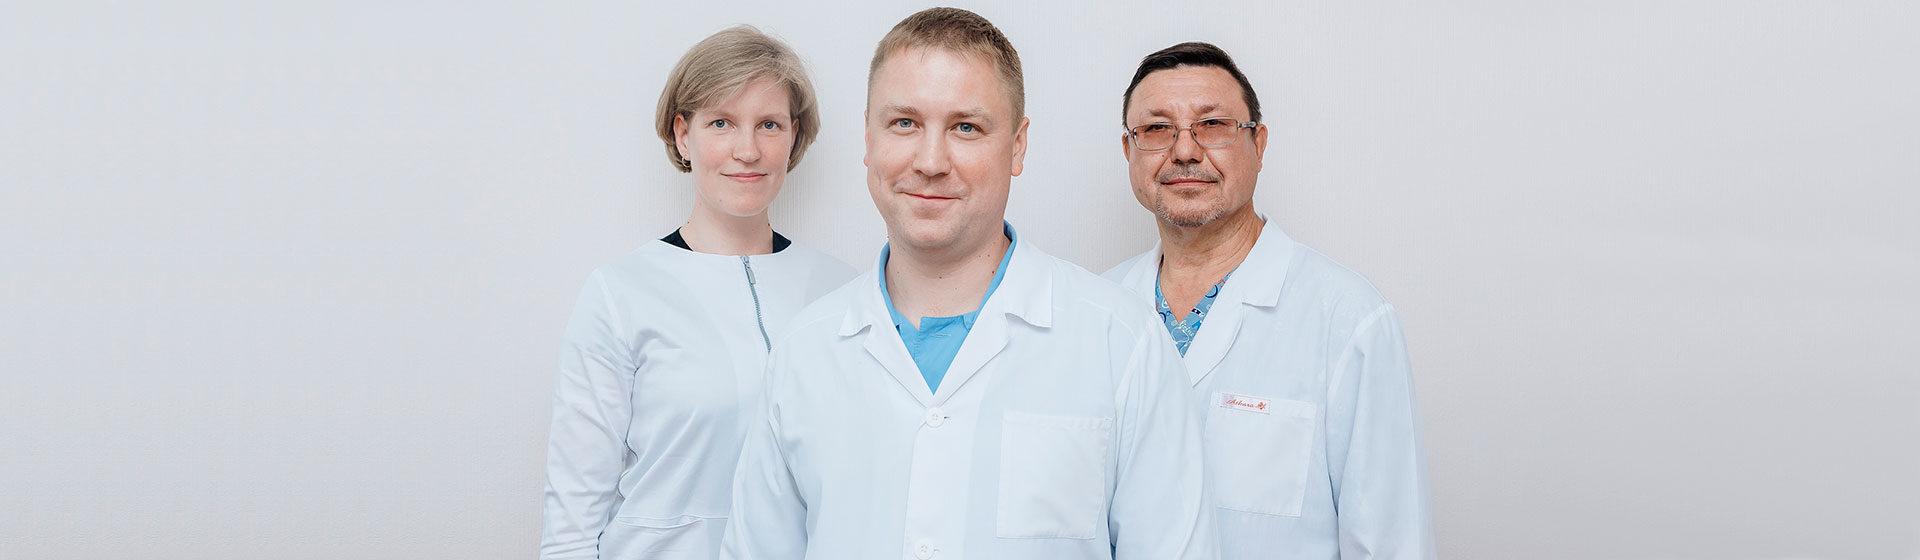 Клиника «Дискотерапия плюс»